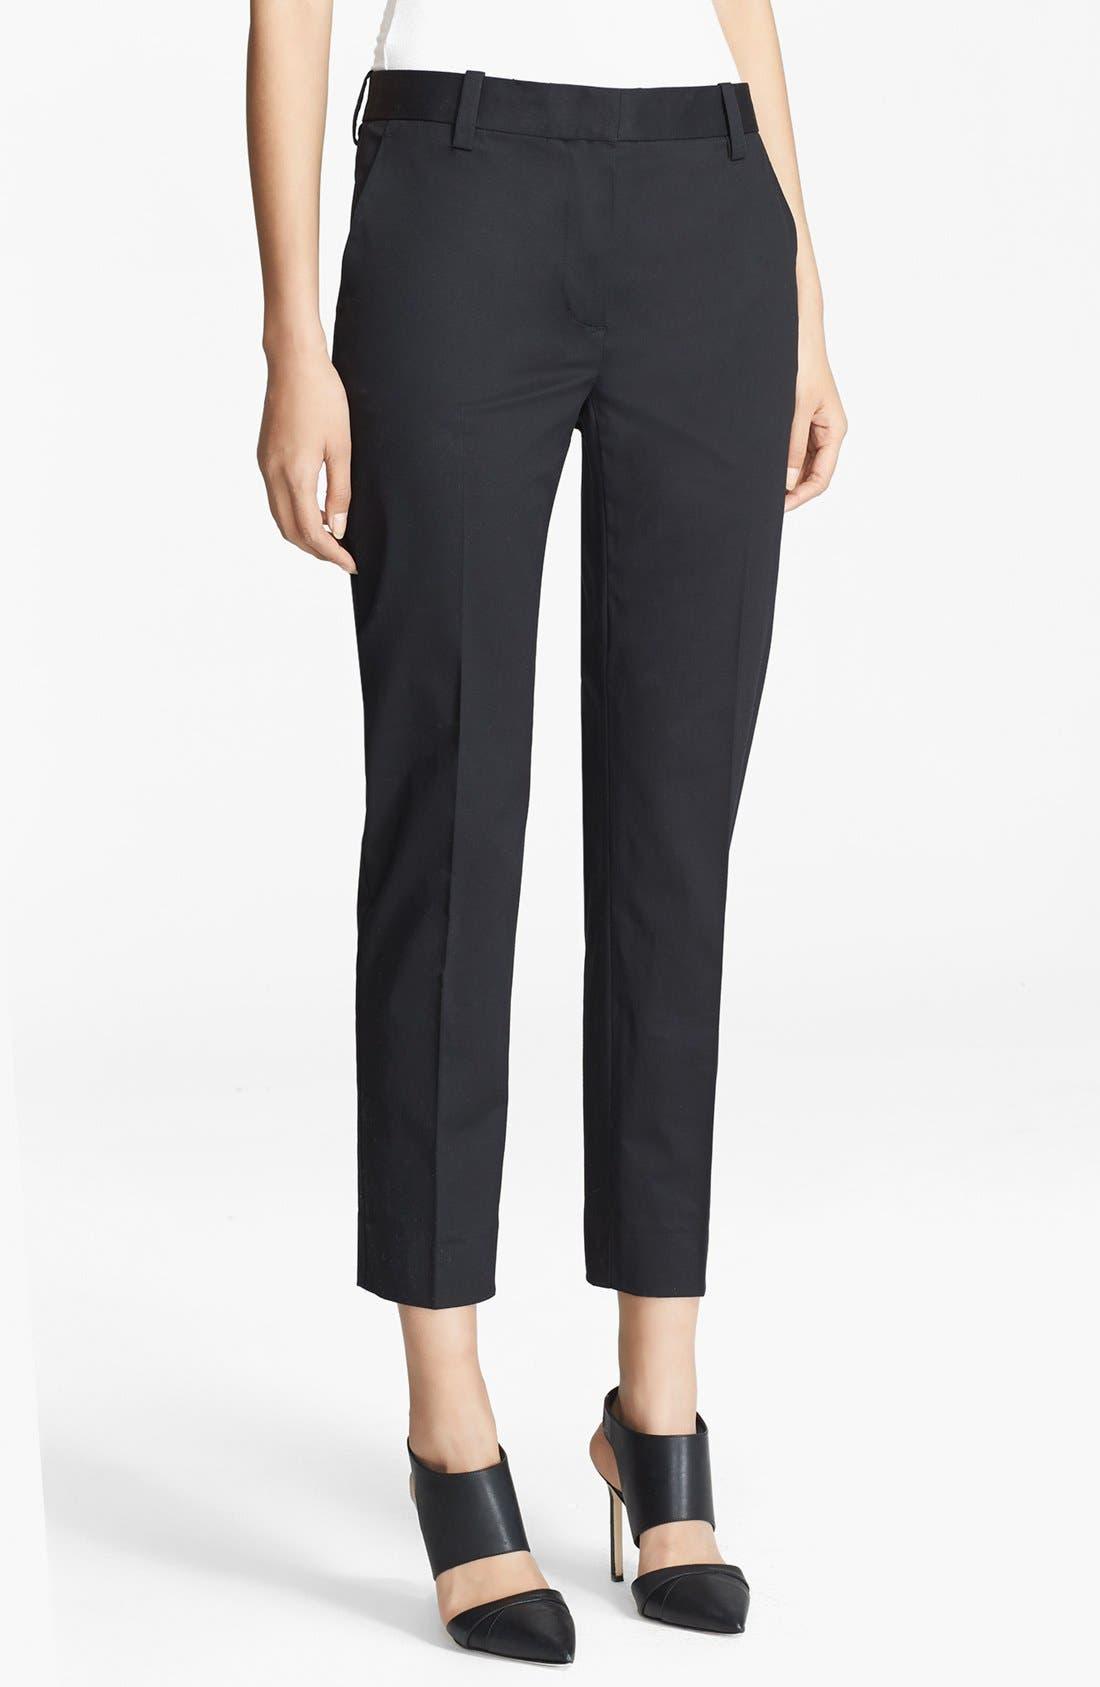 Main Image - 3.1 Phillip Lim Crop Stretch Cotton Pencil Trousers